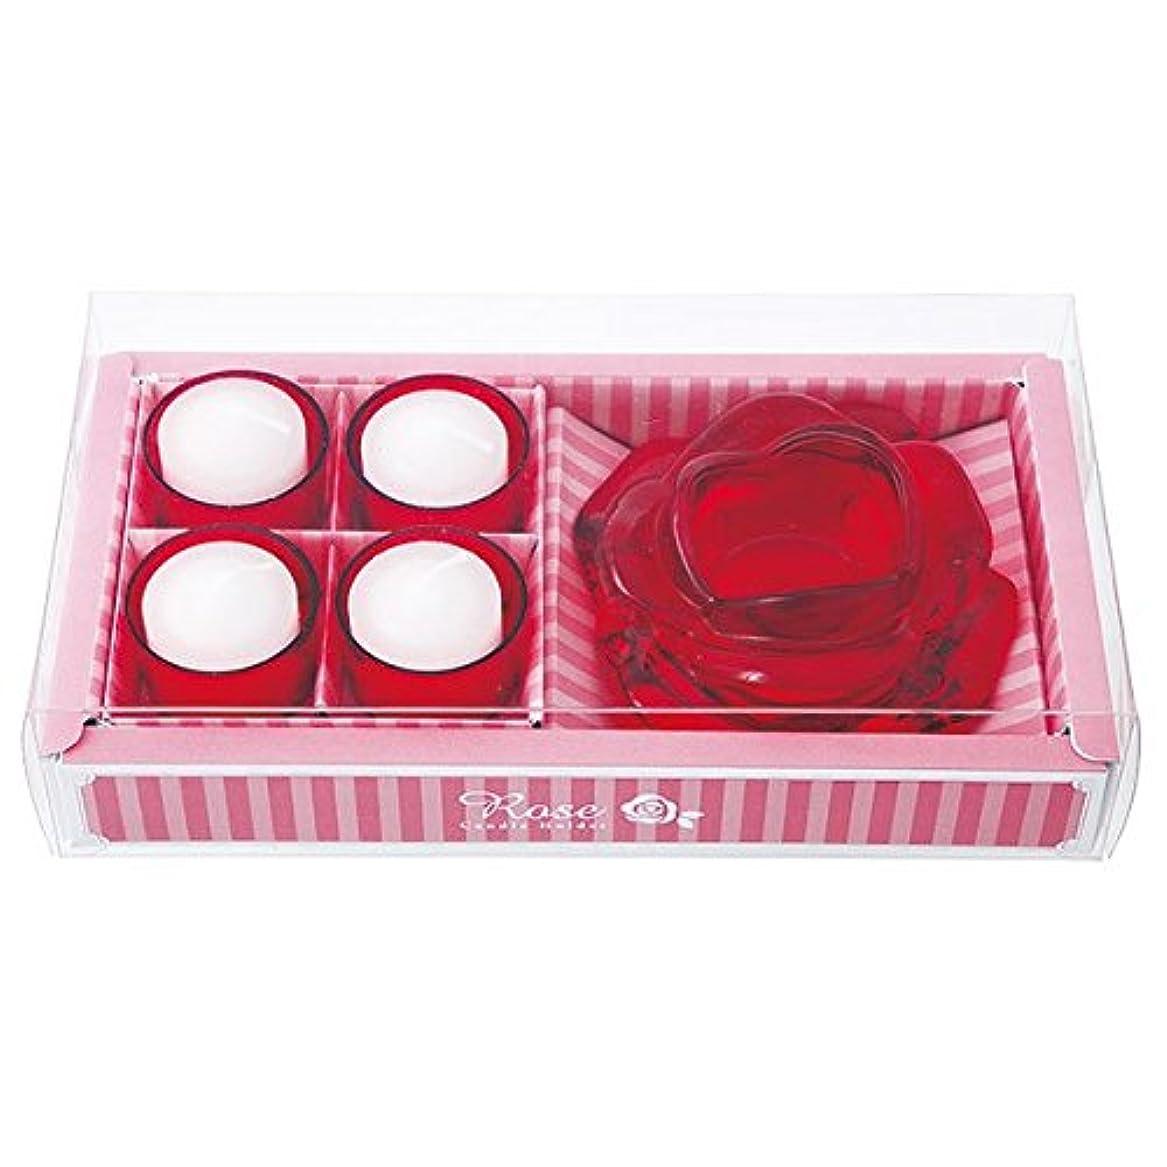 雰囲気バッチ冷蔵庫カメヤマキャンドルハウス:ローズキャンドルホルダーギフト レッド SJ5320000R